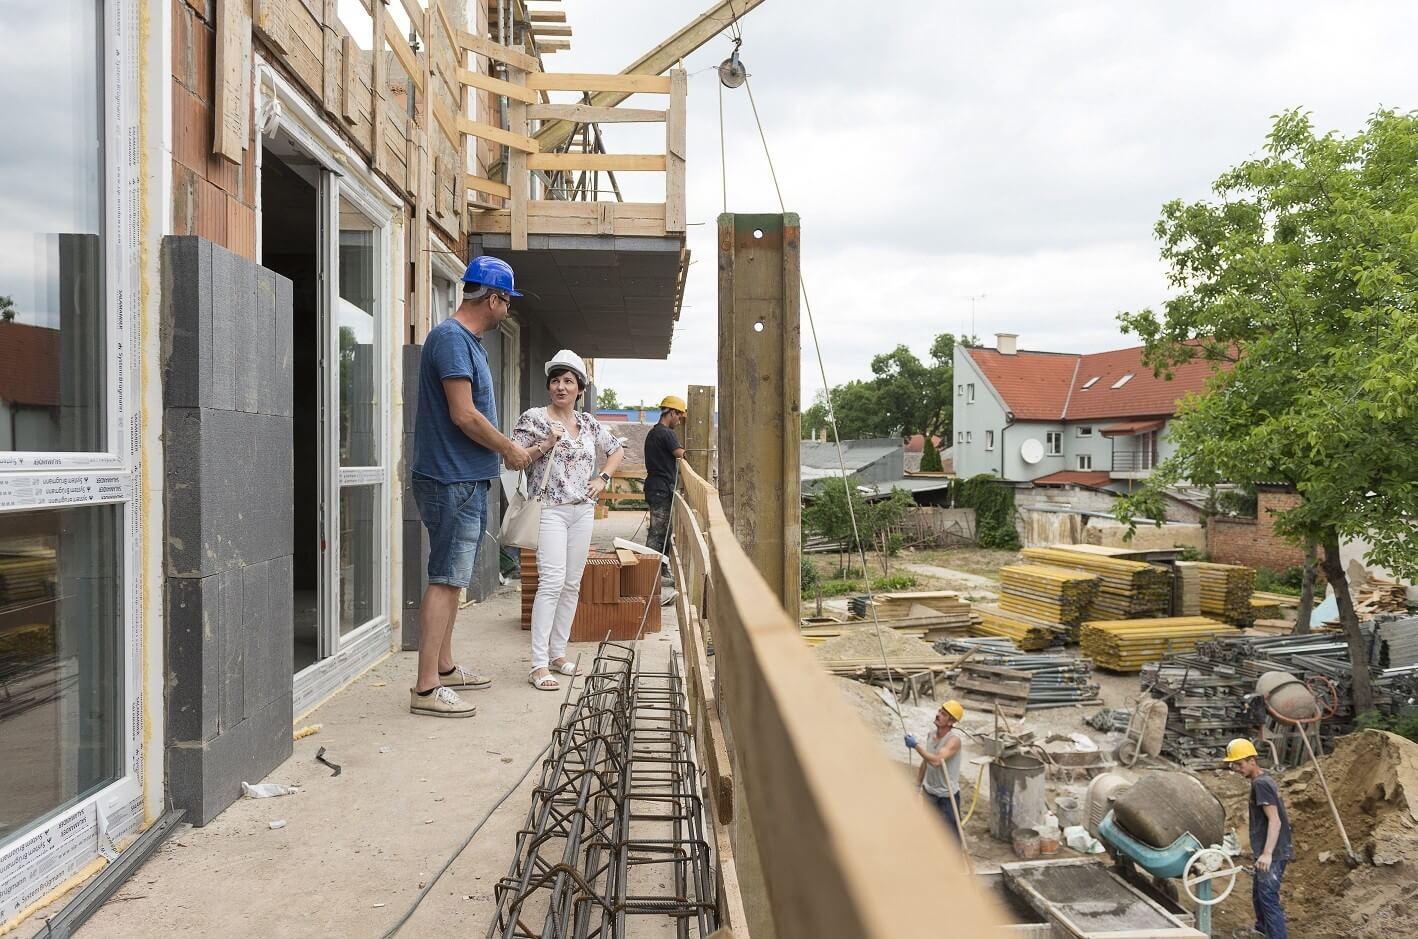 Az év végéig hatszáz új lakás épülhet Nyíregyházán